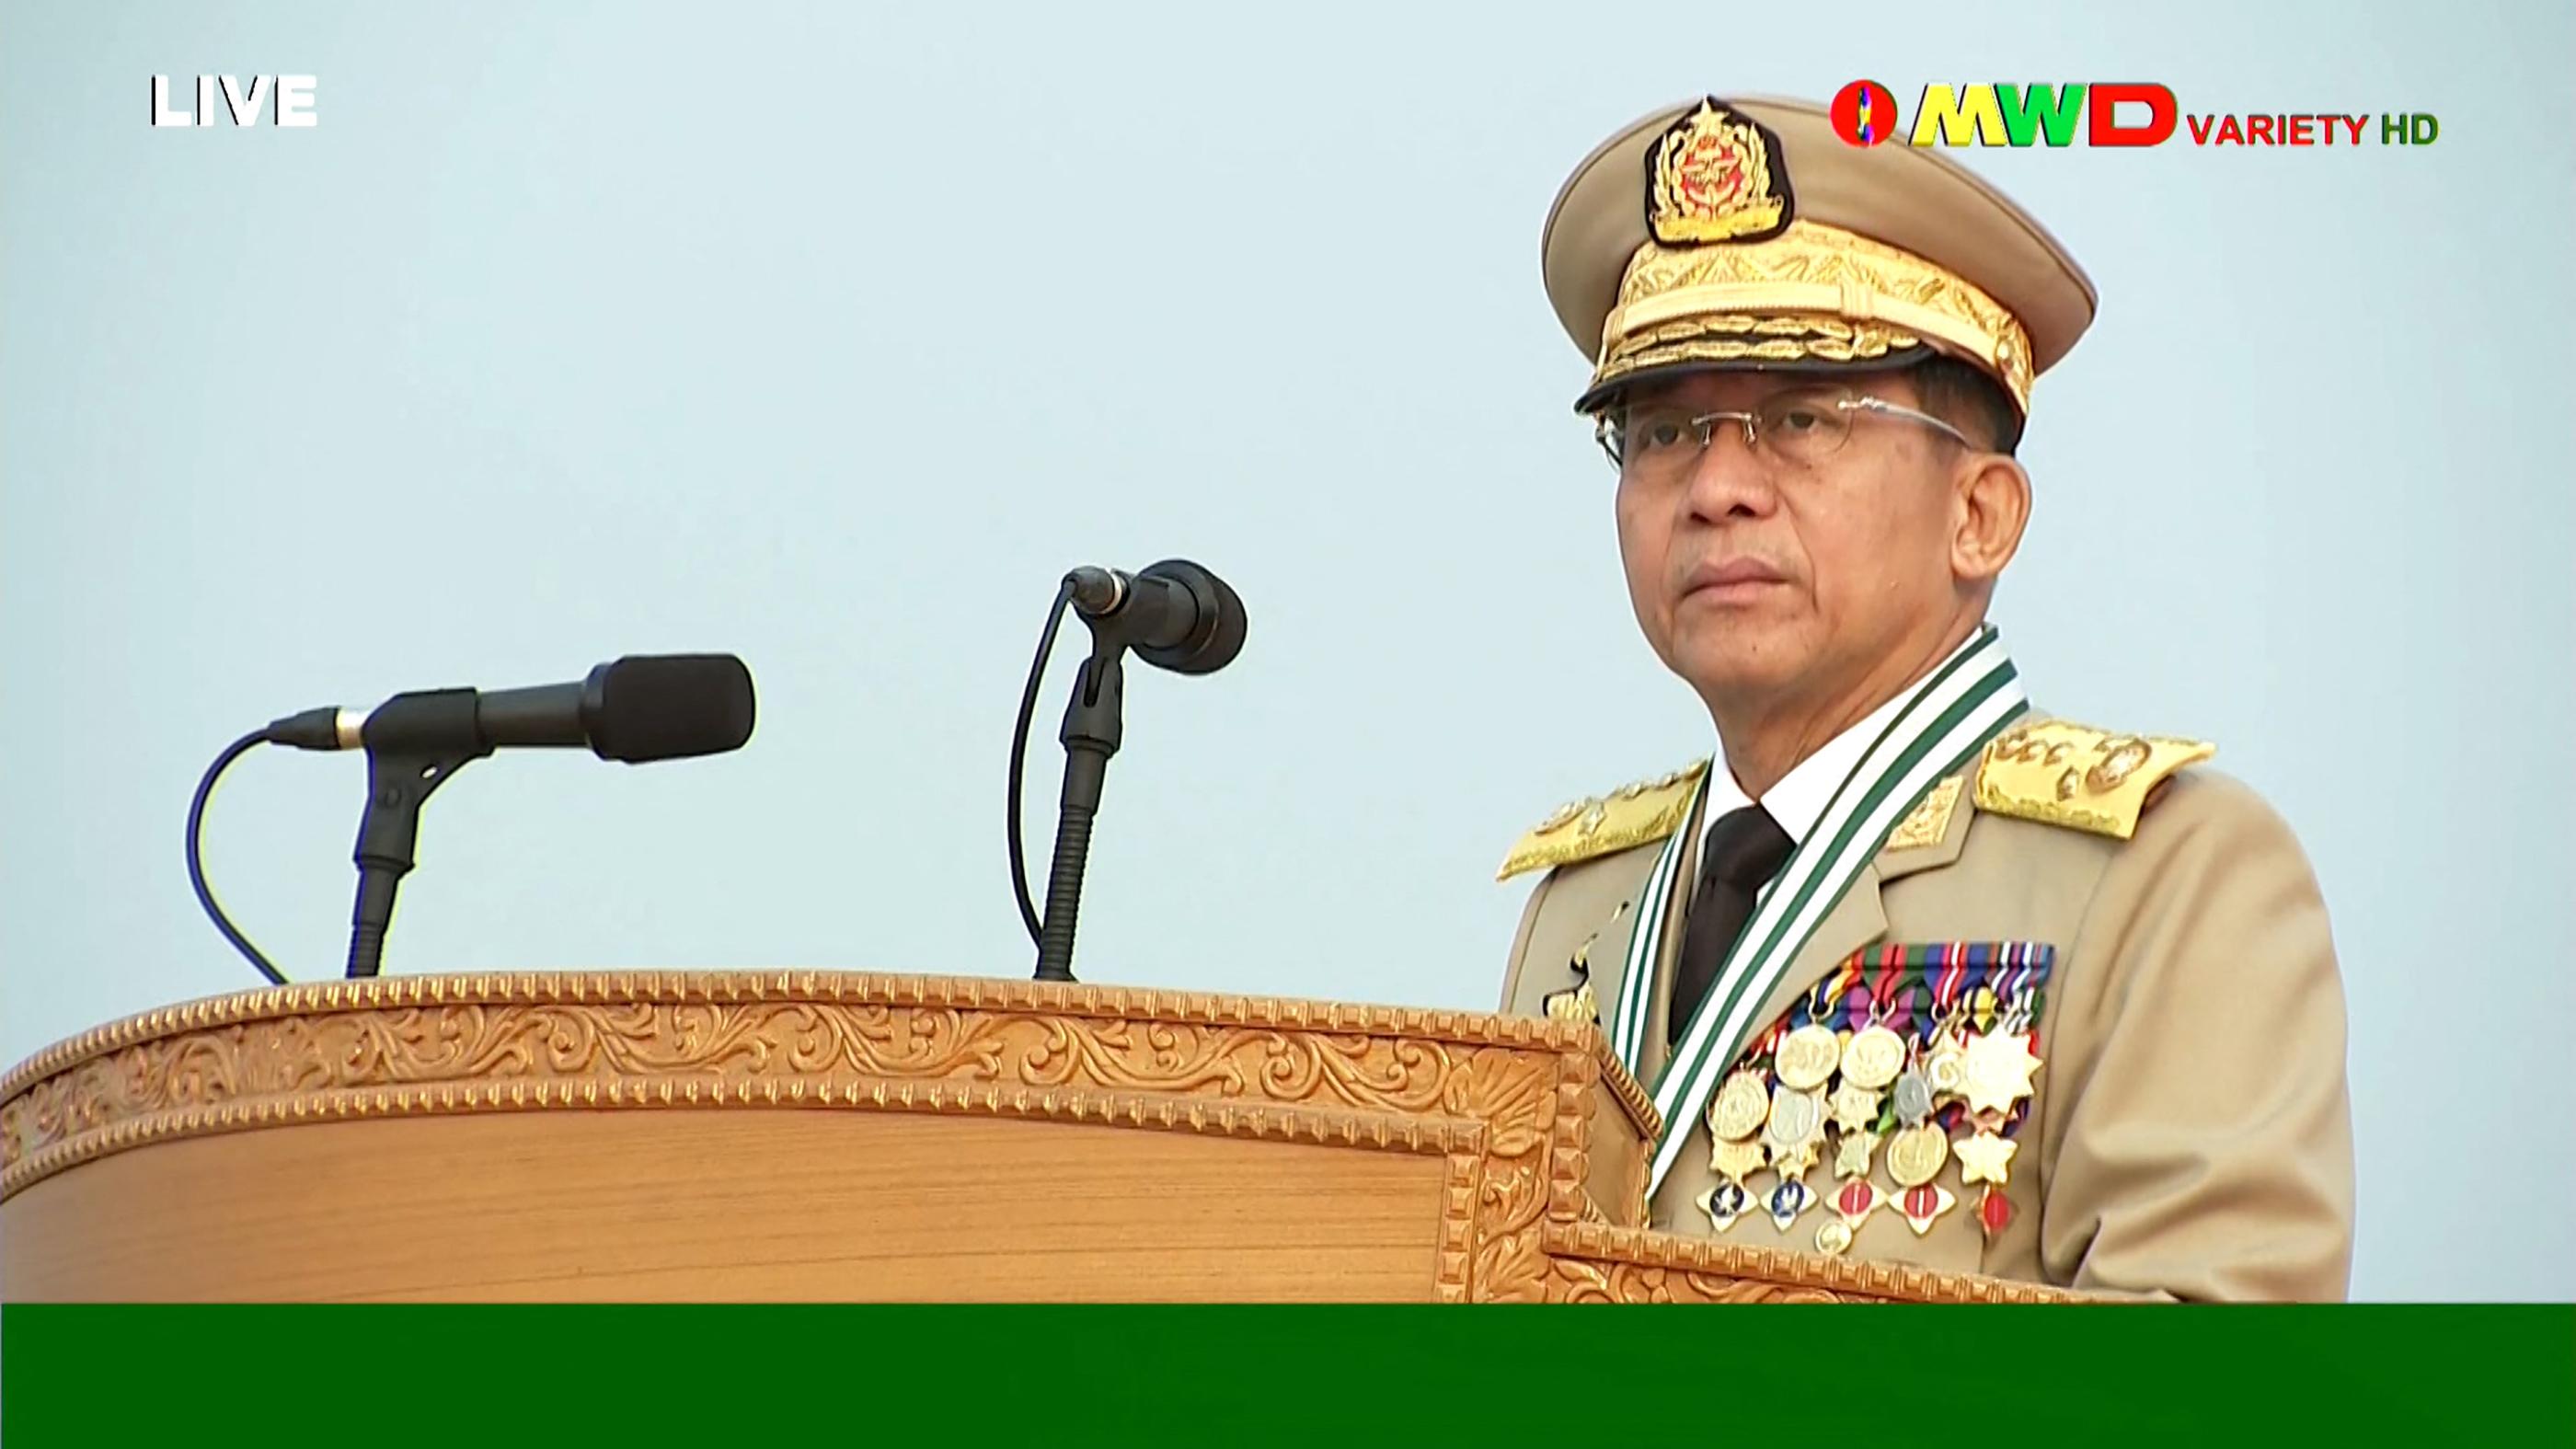 16 embert öltek meg Mianmarban, miután a hadsereg megüzente, hogy fejbe lőhetik a tüntetésen résztvevőket